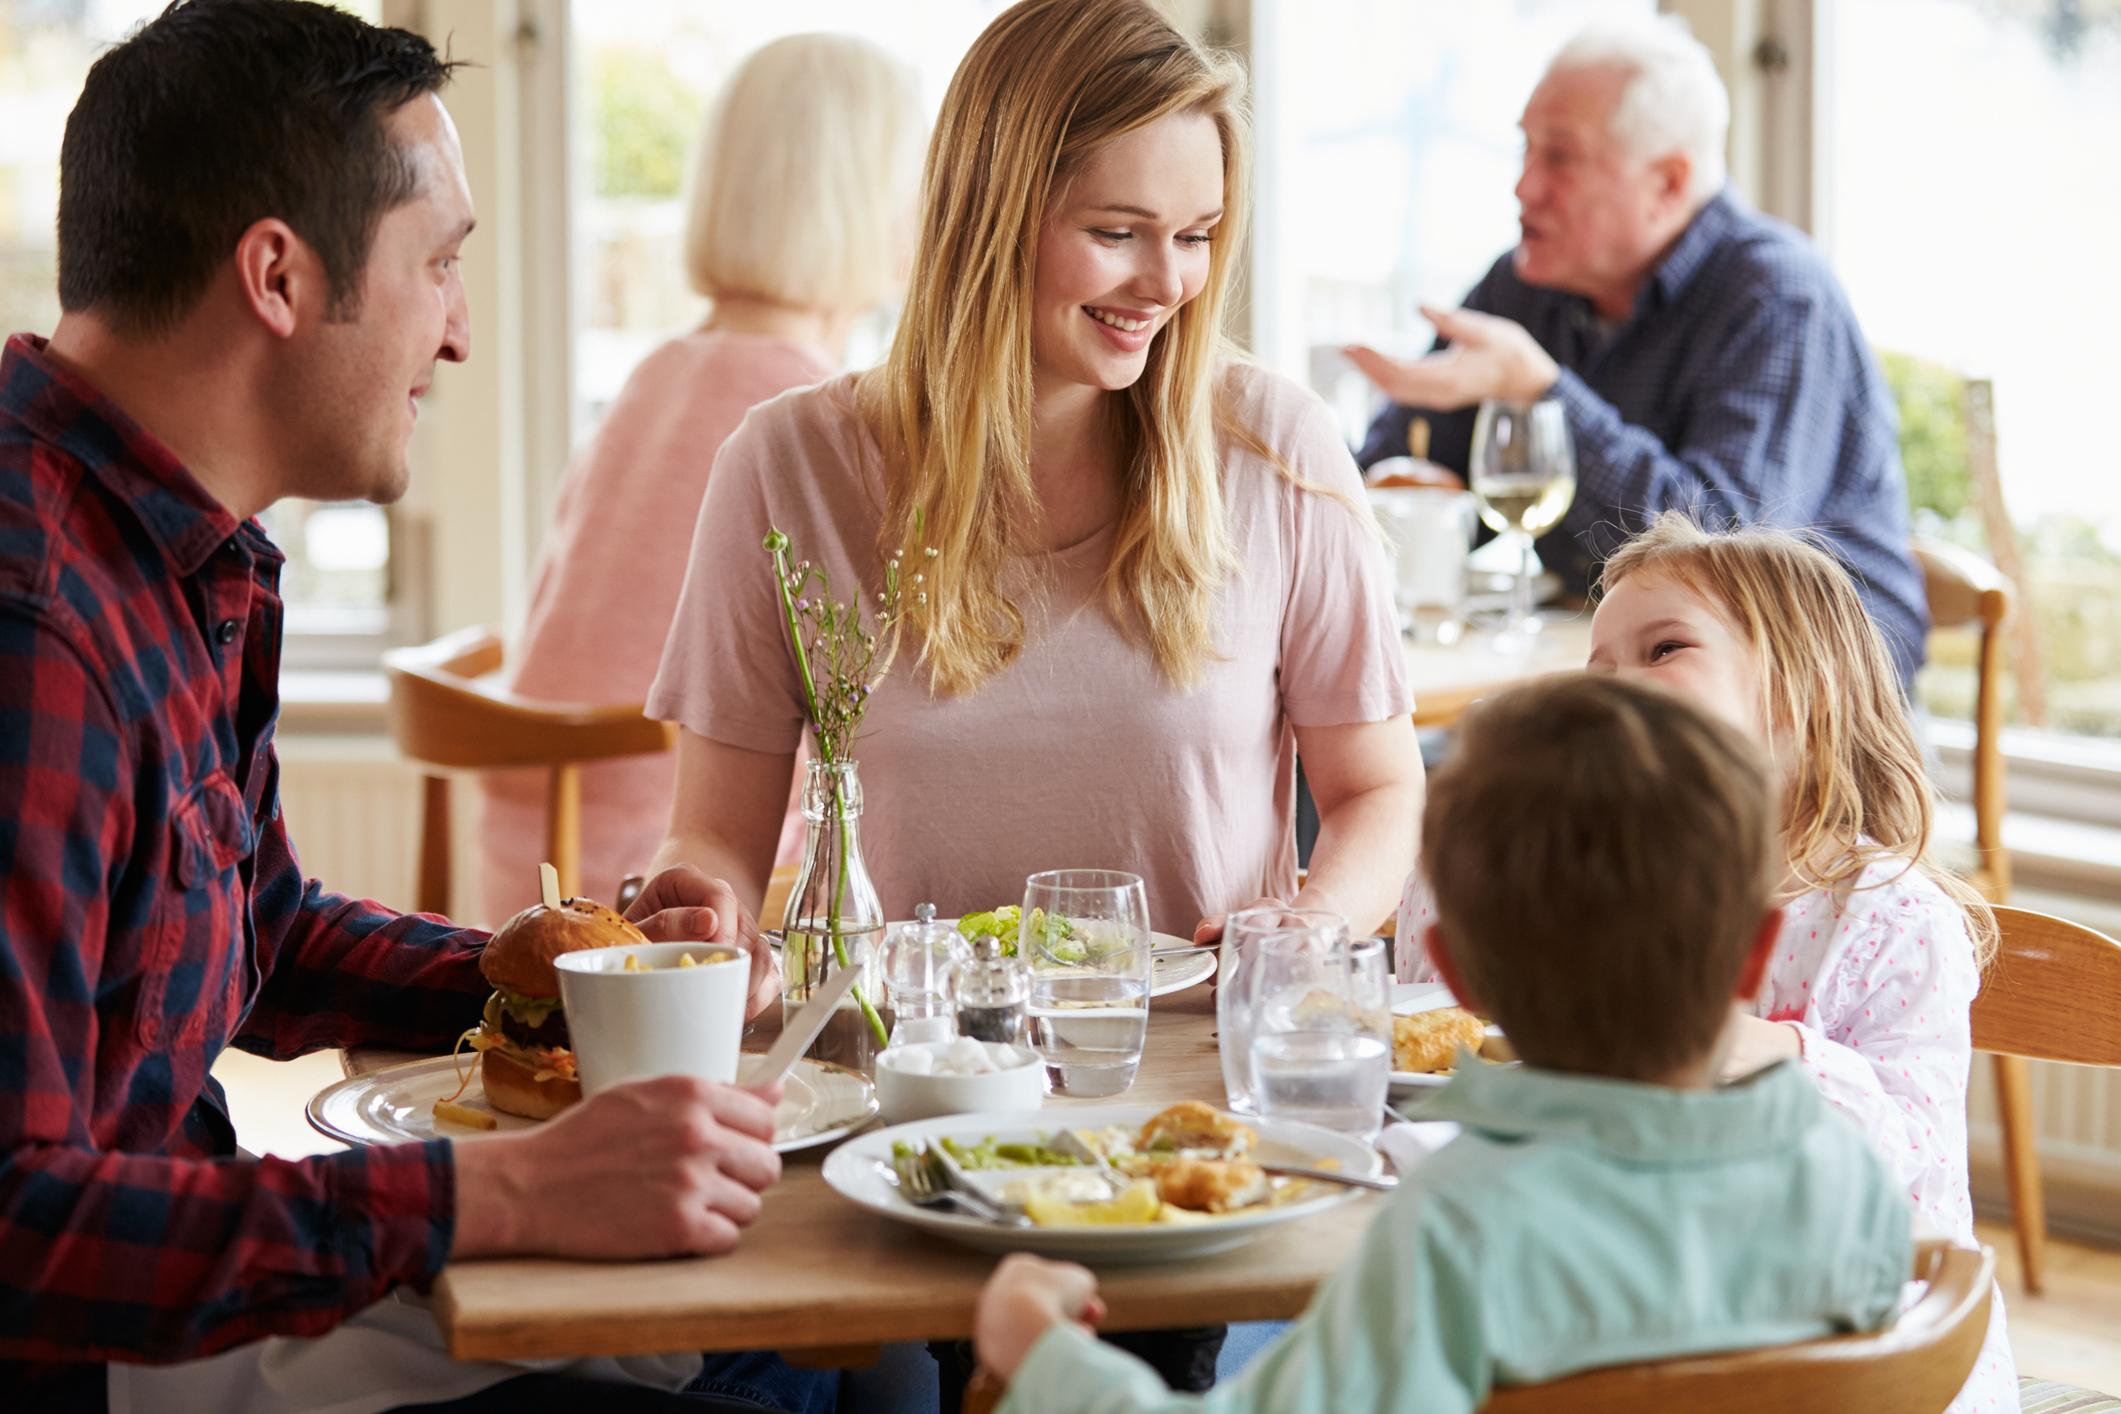 family eating at restaurant - 960×640